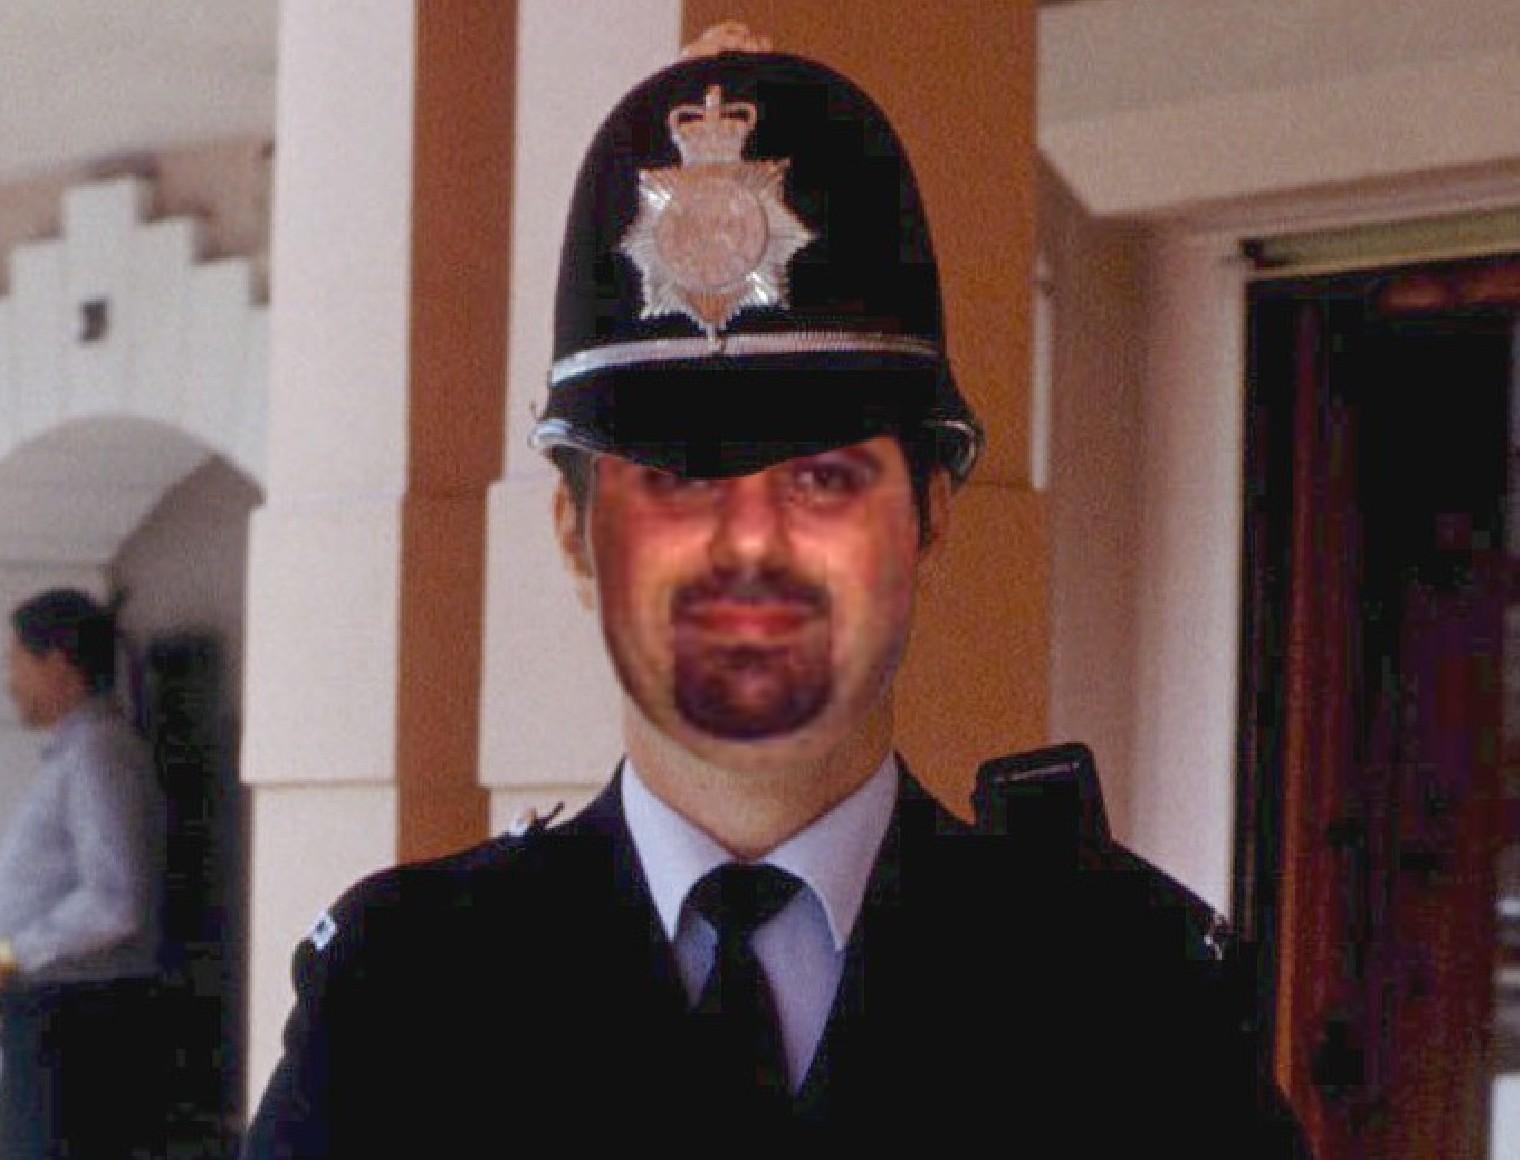 Motky-policeman